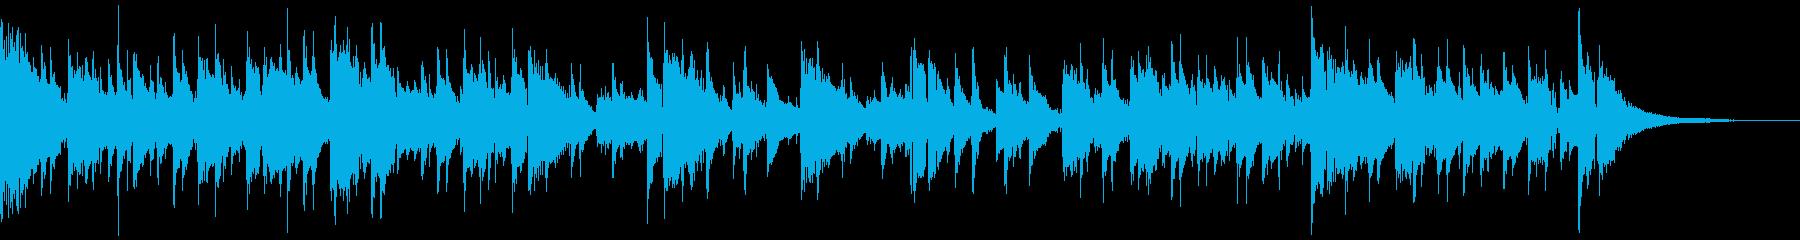 アコギ50/深い悲しみ、ソロ、音質変更の再生済みの波形